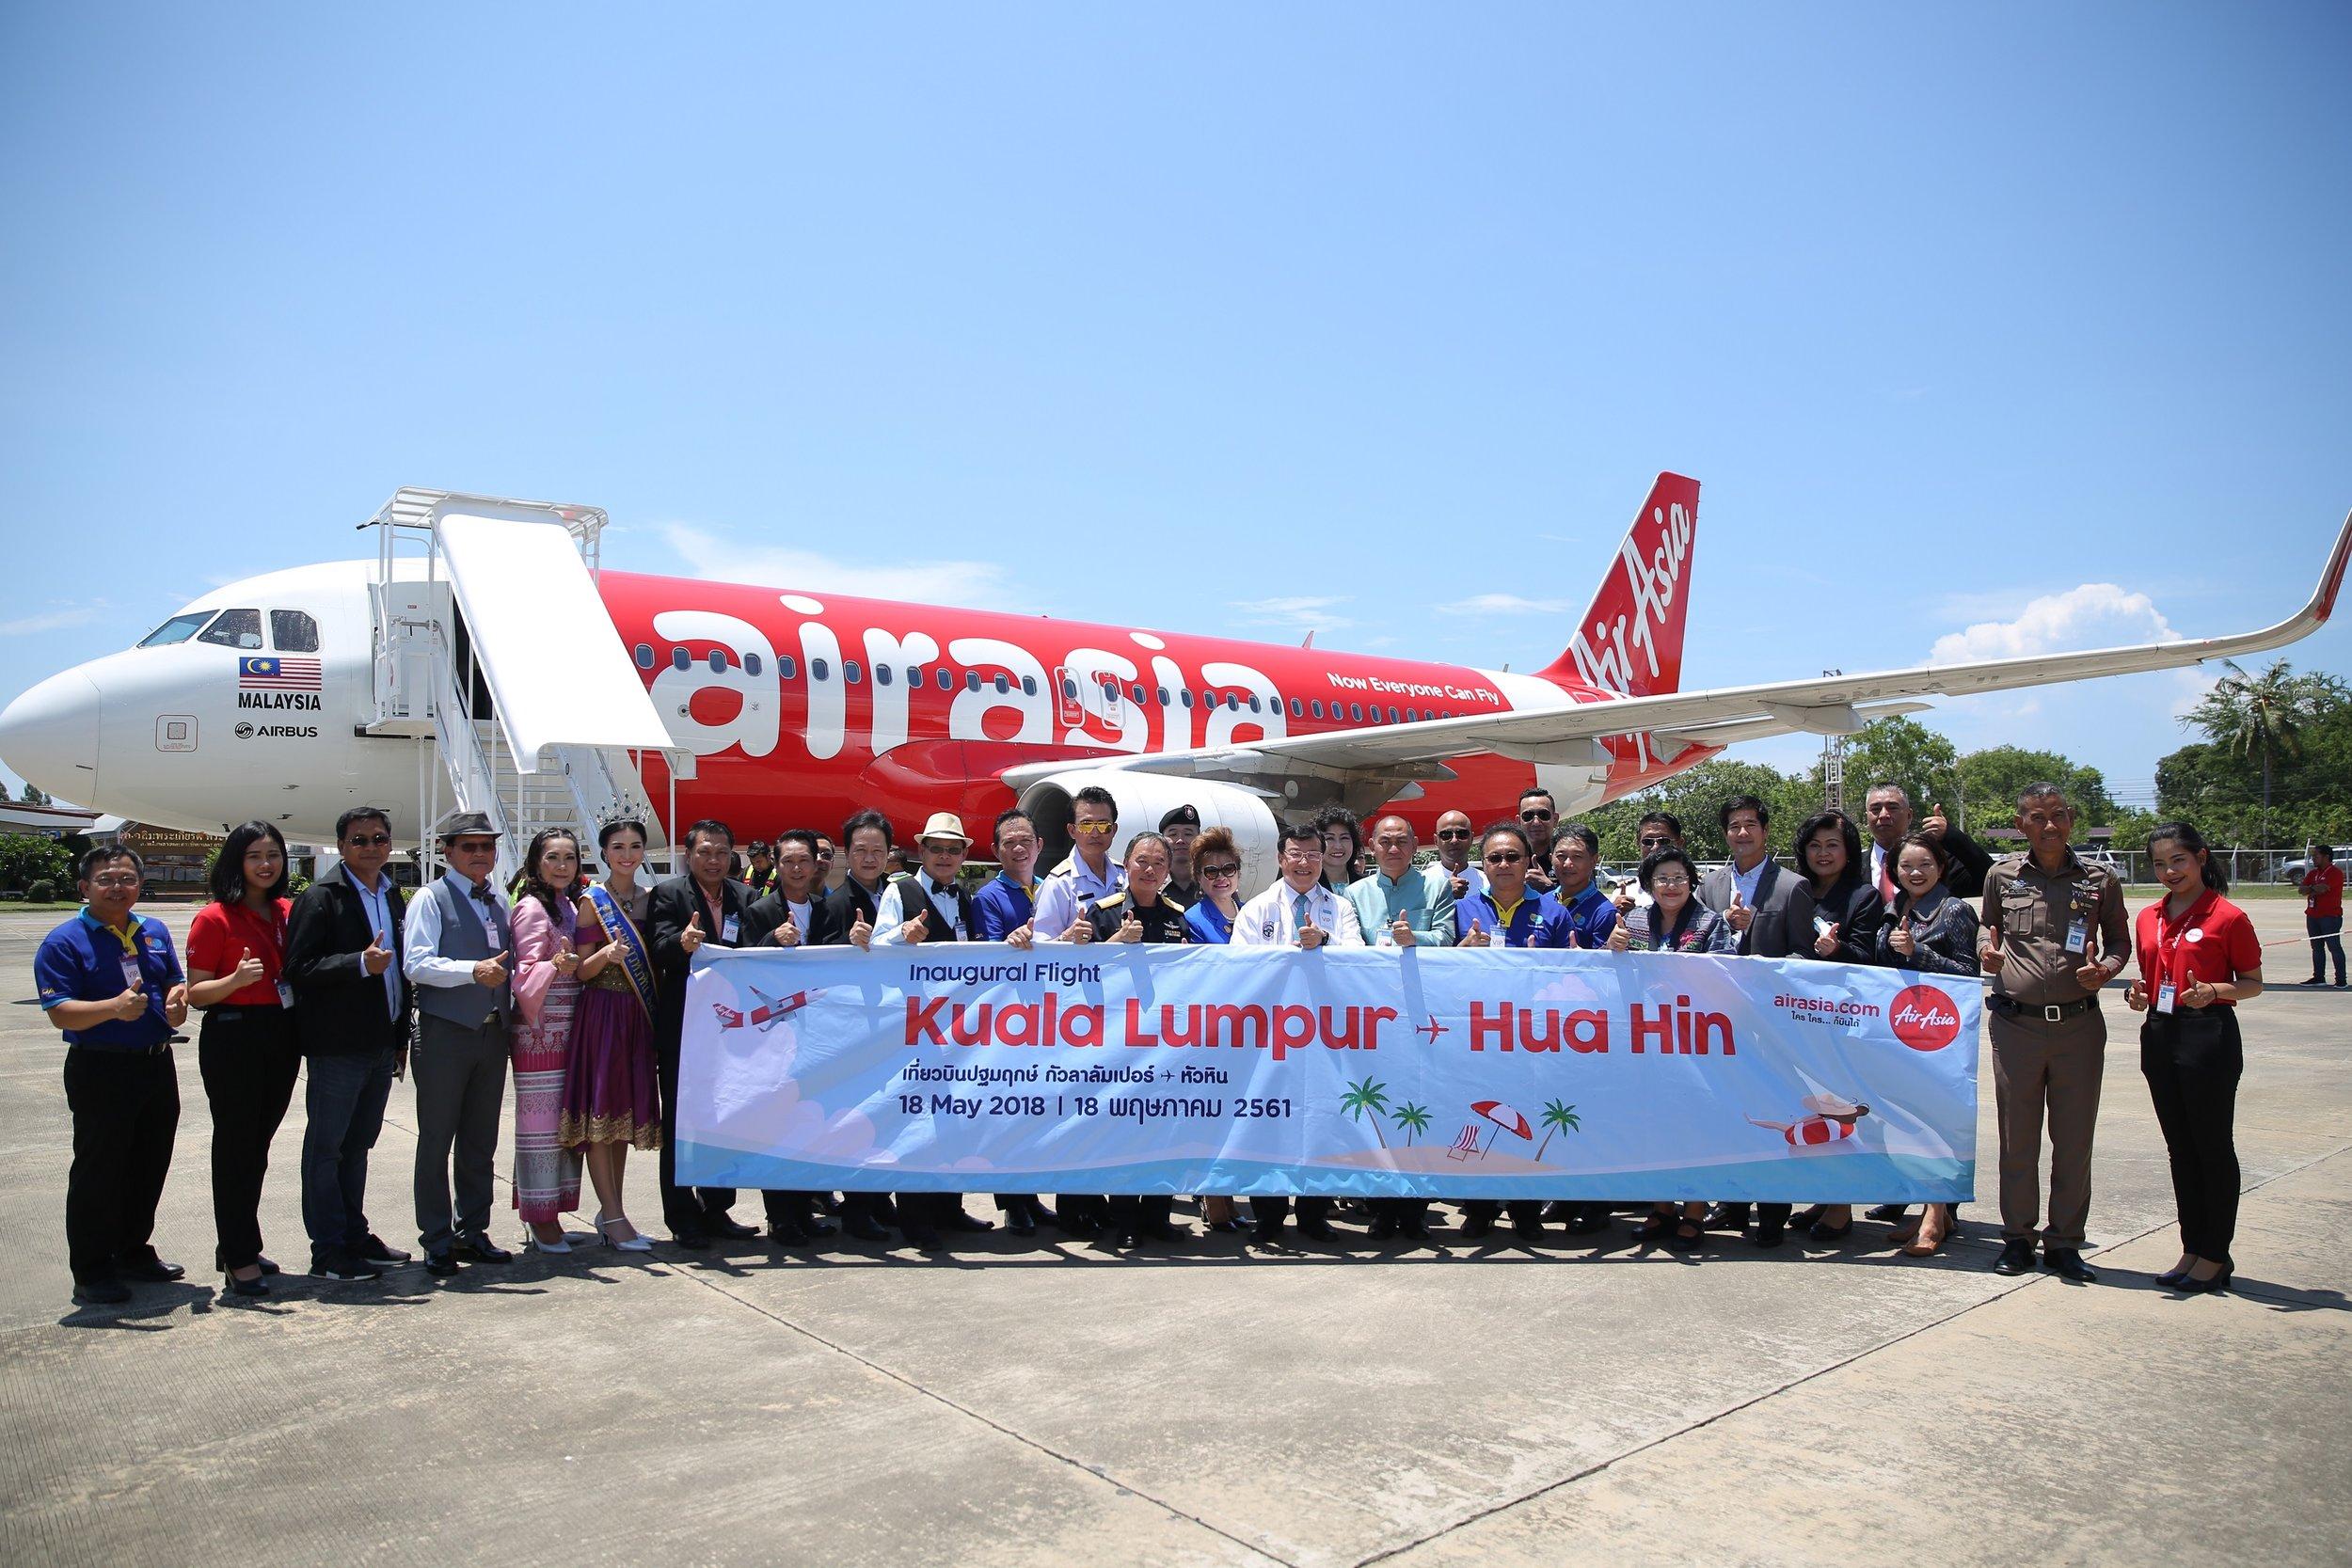 Penerbangan AK830 dari Kuala Lumpur-Hua Hin pada 18 Mei 2018 telah disambut oleh En. Pairin Chuchotethavorn, Timbalan Menteri Pengangkutan; En. Daroon Saengchai, Ketua Pengarah, Jabatan Lapangan Terbang; En. Panlop Singhaseni, Gabenor Wilayah Prachuap Khiri Khan; En. Nopporn Wuttikul, Datuk Bandar Hua Hin; Cik Walailak Noypayak, Pengarah TAT untuk pasaran ASEAN; En. Apisit Ubolkomu, Pengarah Lapangan Terbang Hua Hin dan Cik Witchunee Kuntapeng,wakil AirAsia, bersama-sama wakil beberapa agensi kerajaan.